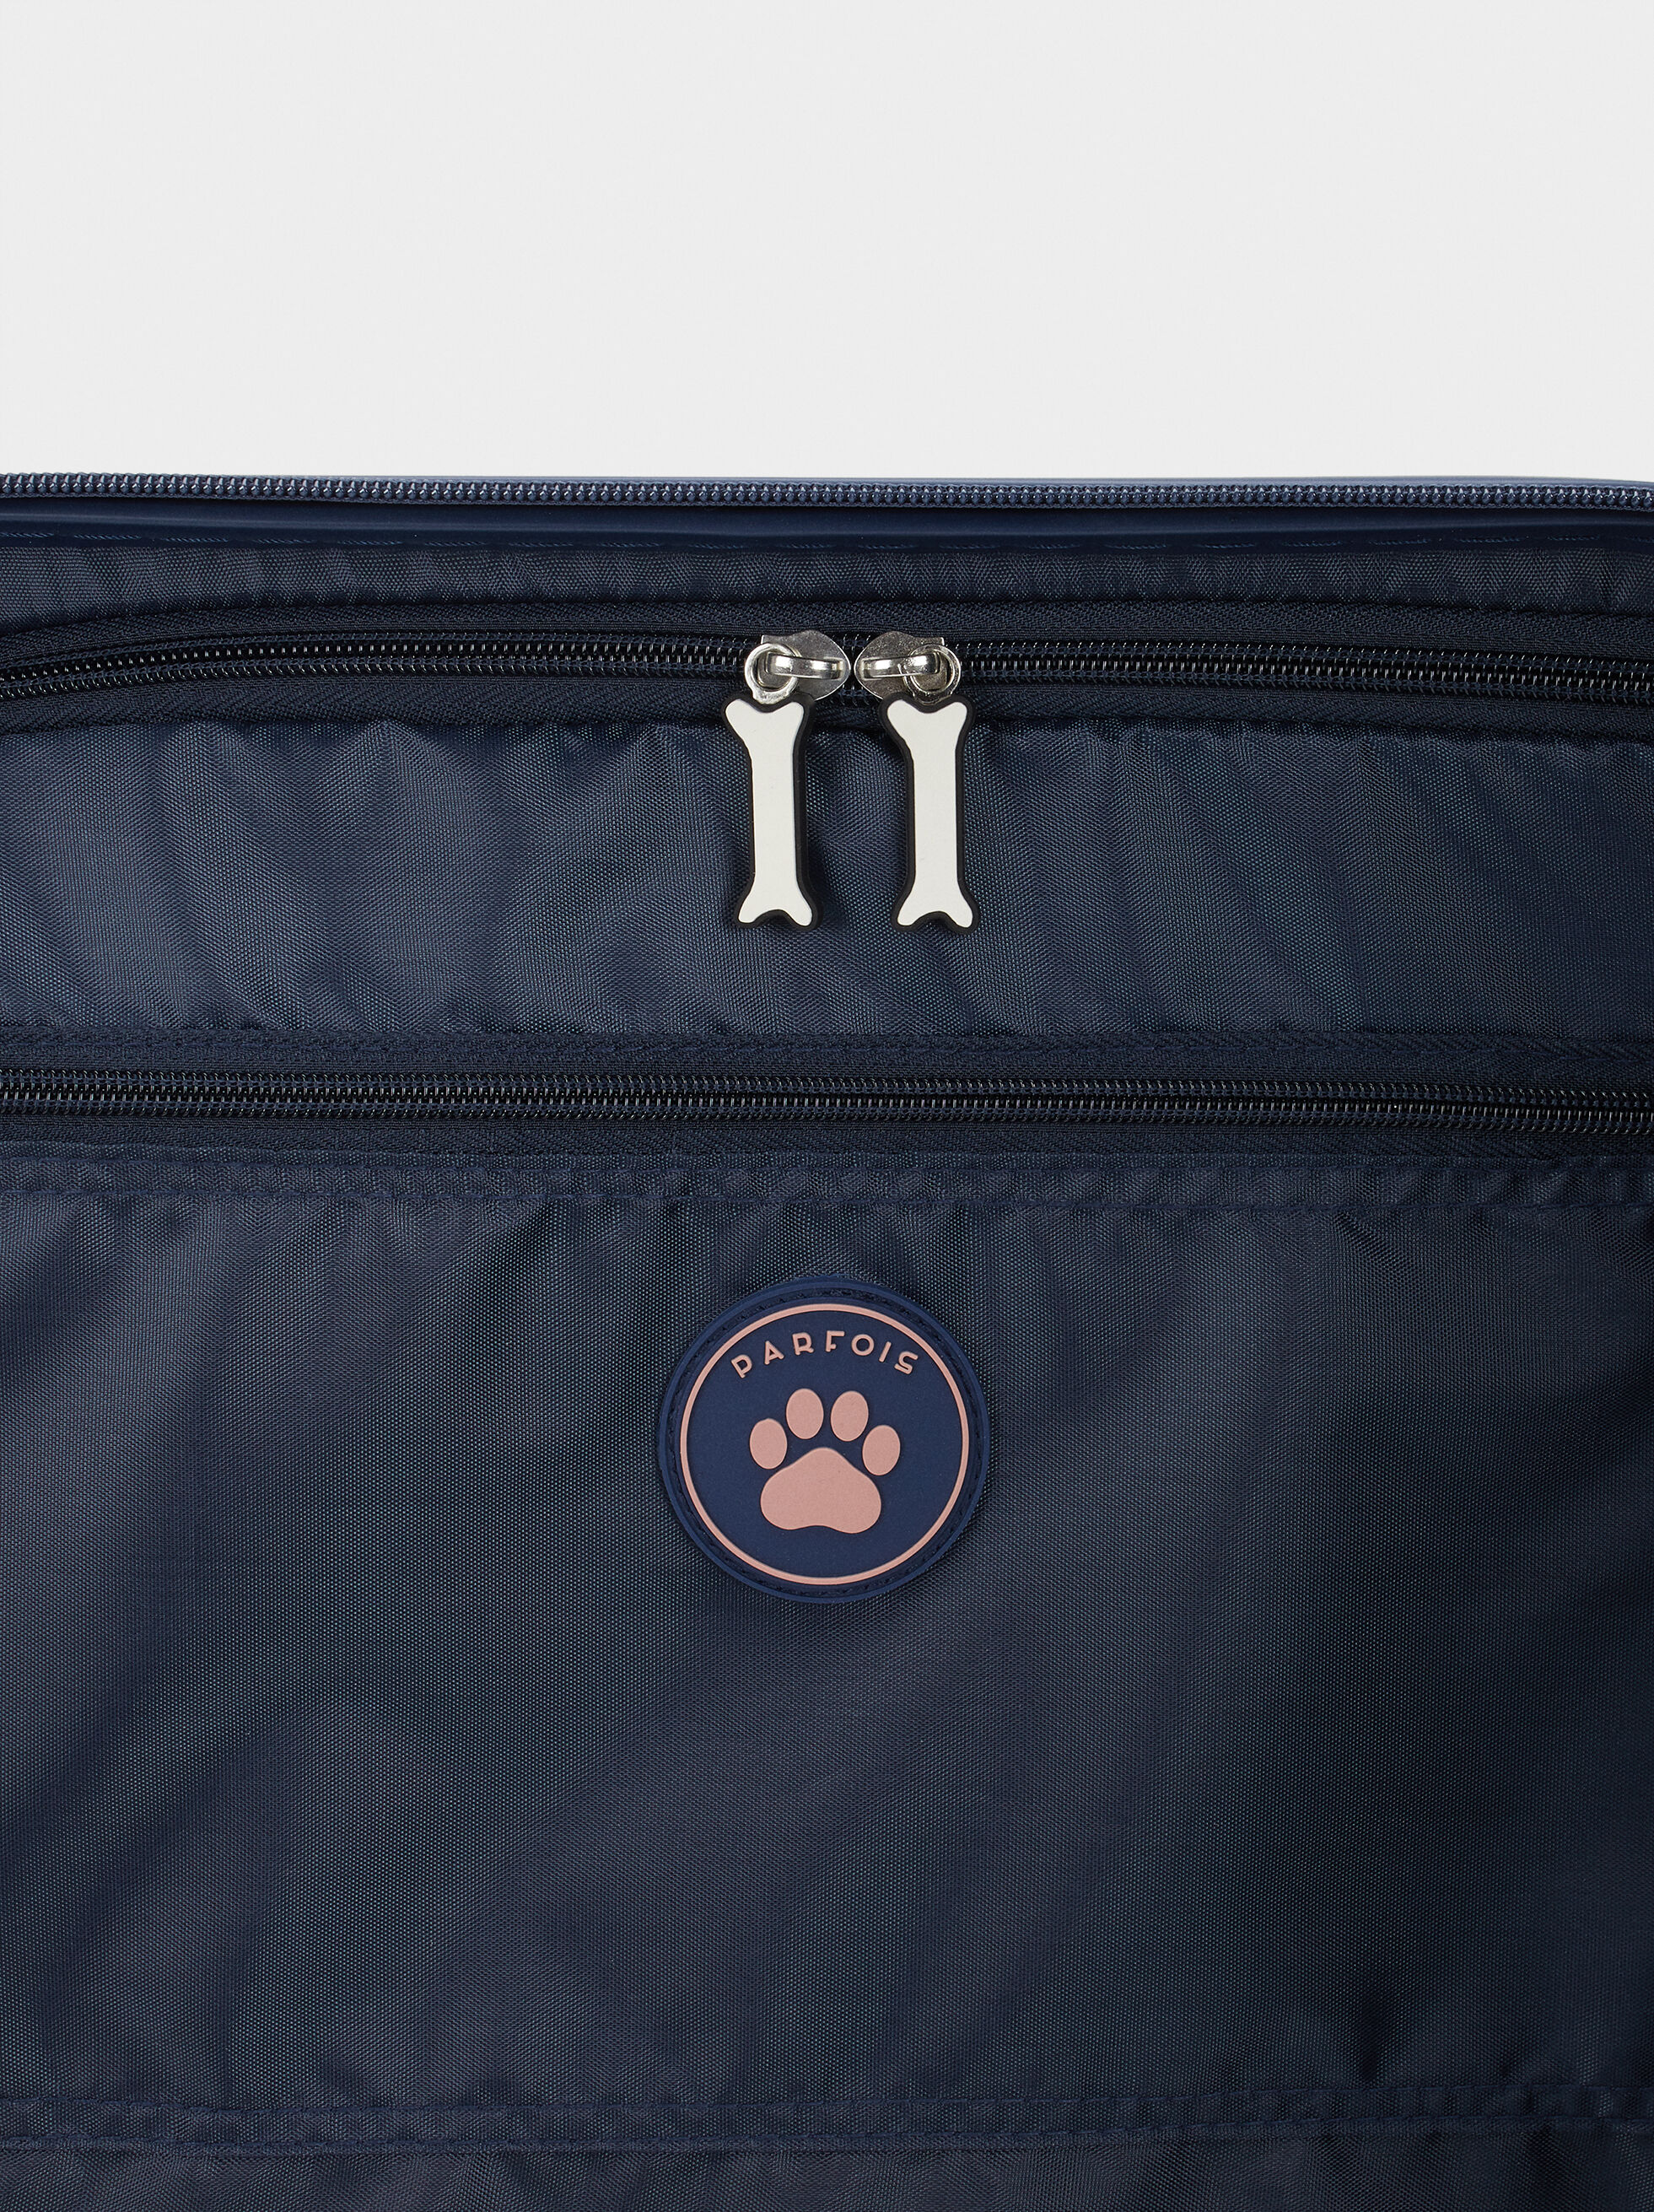 Printed Trolley Suitcase, Navy, hi-res